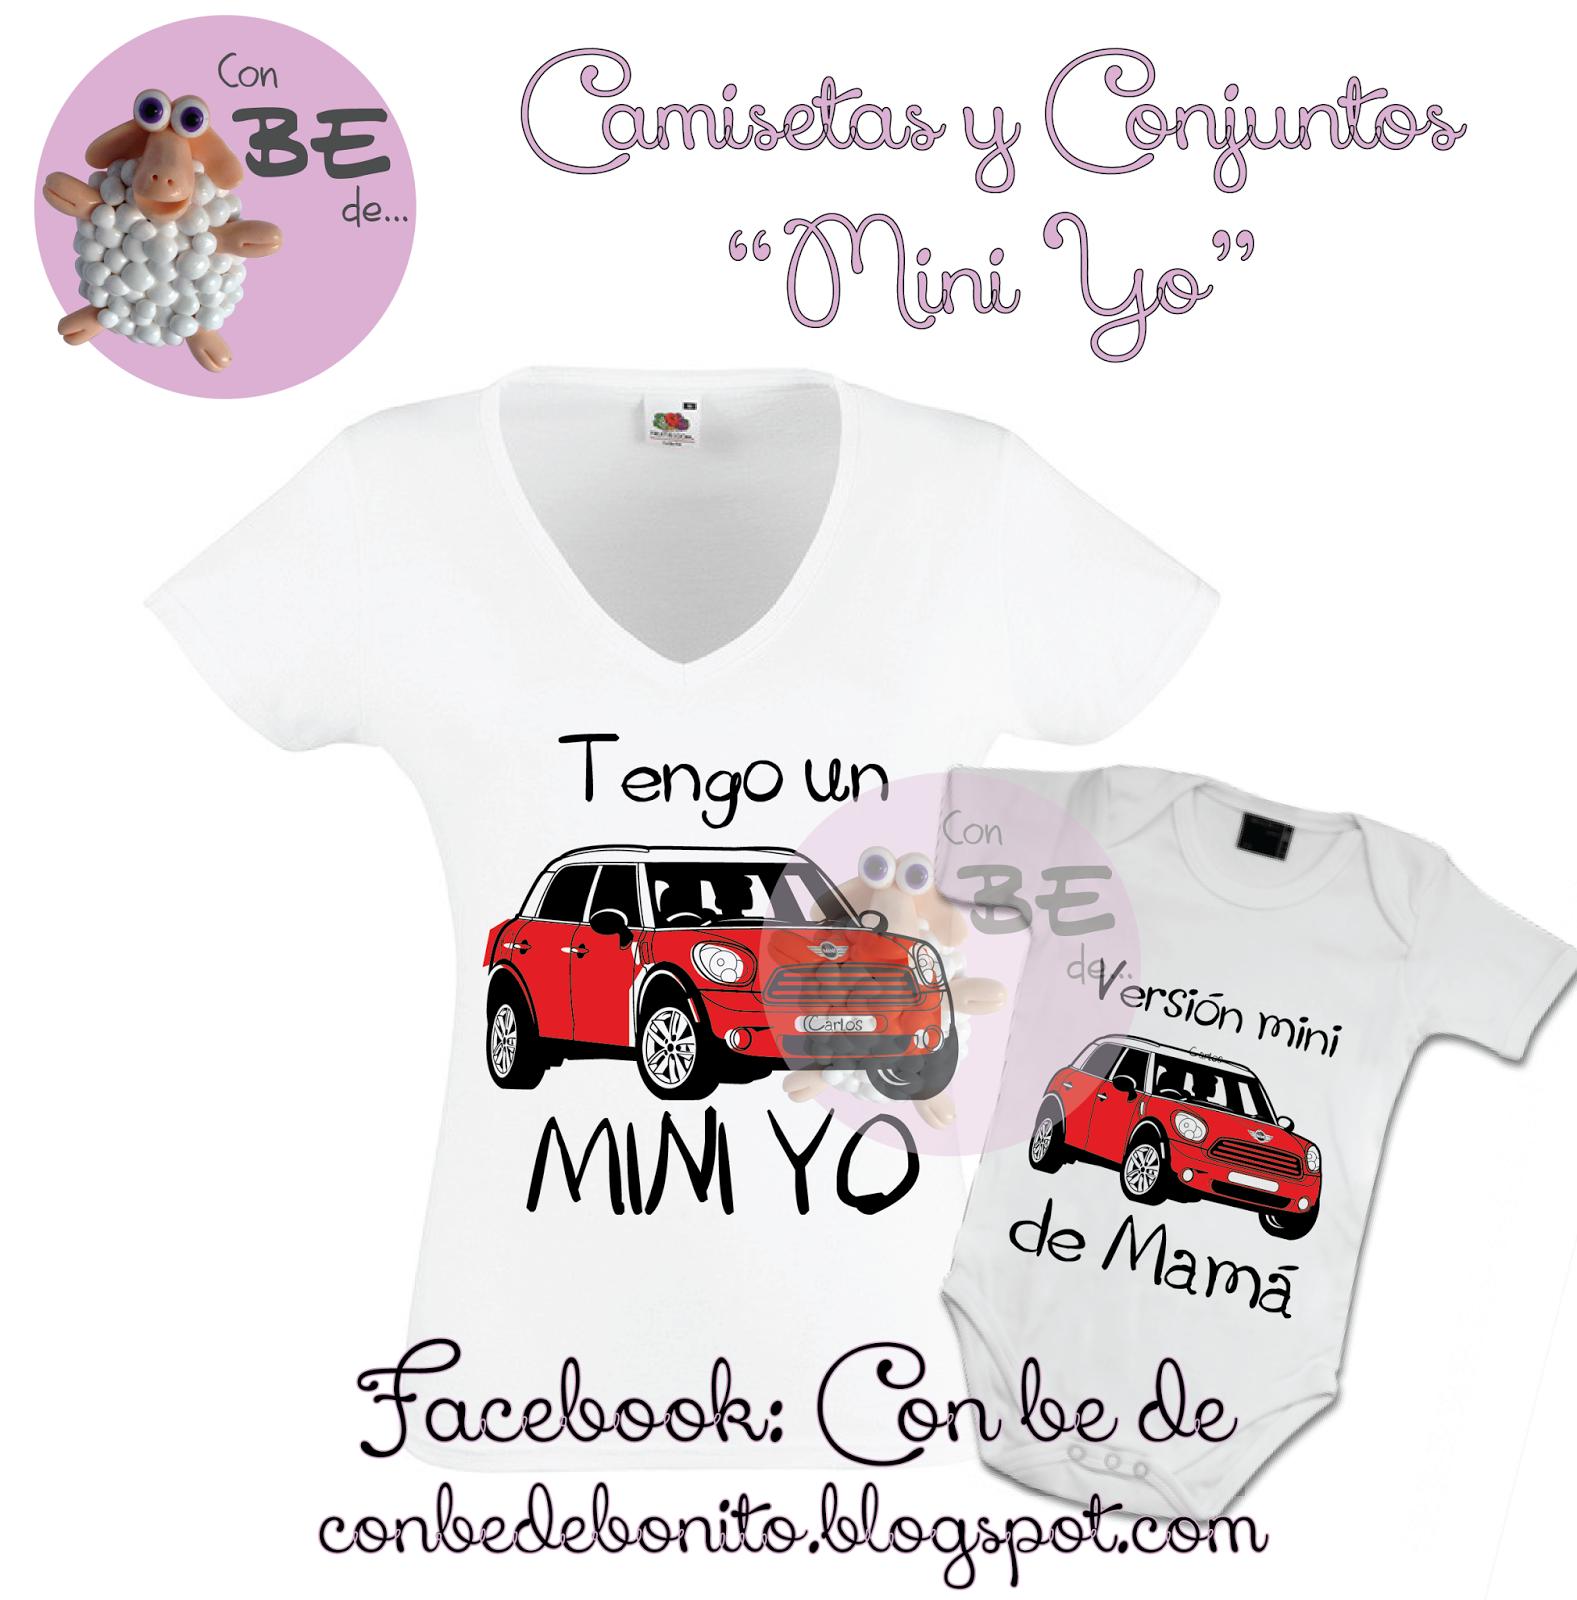 http://conbedebonito.blogspot.com/2015/04/camisetas-y-conjunto-version-mini-de.html